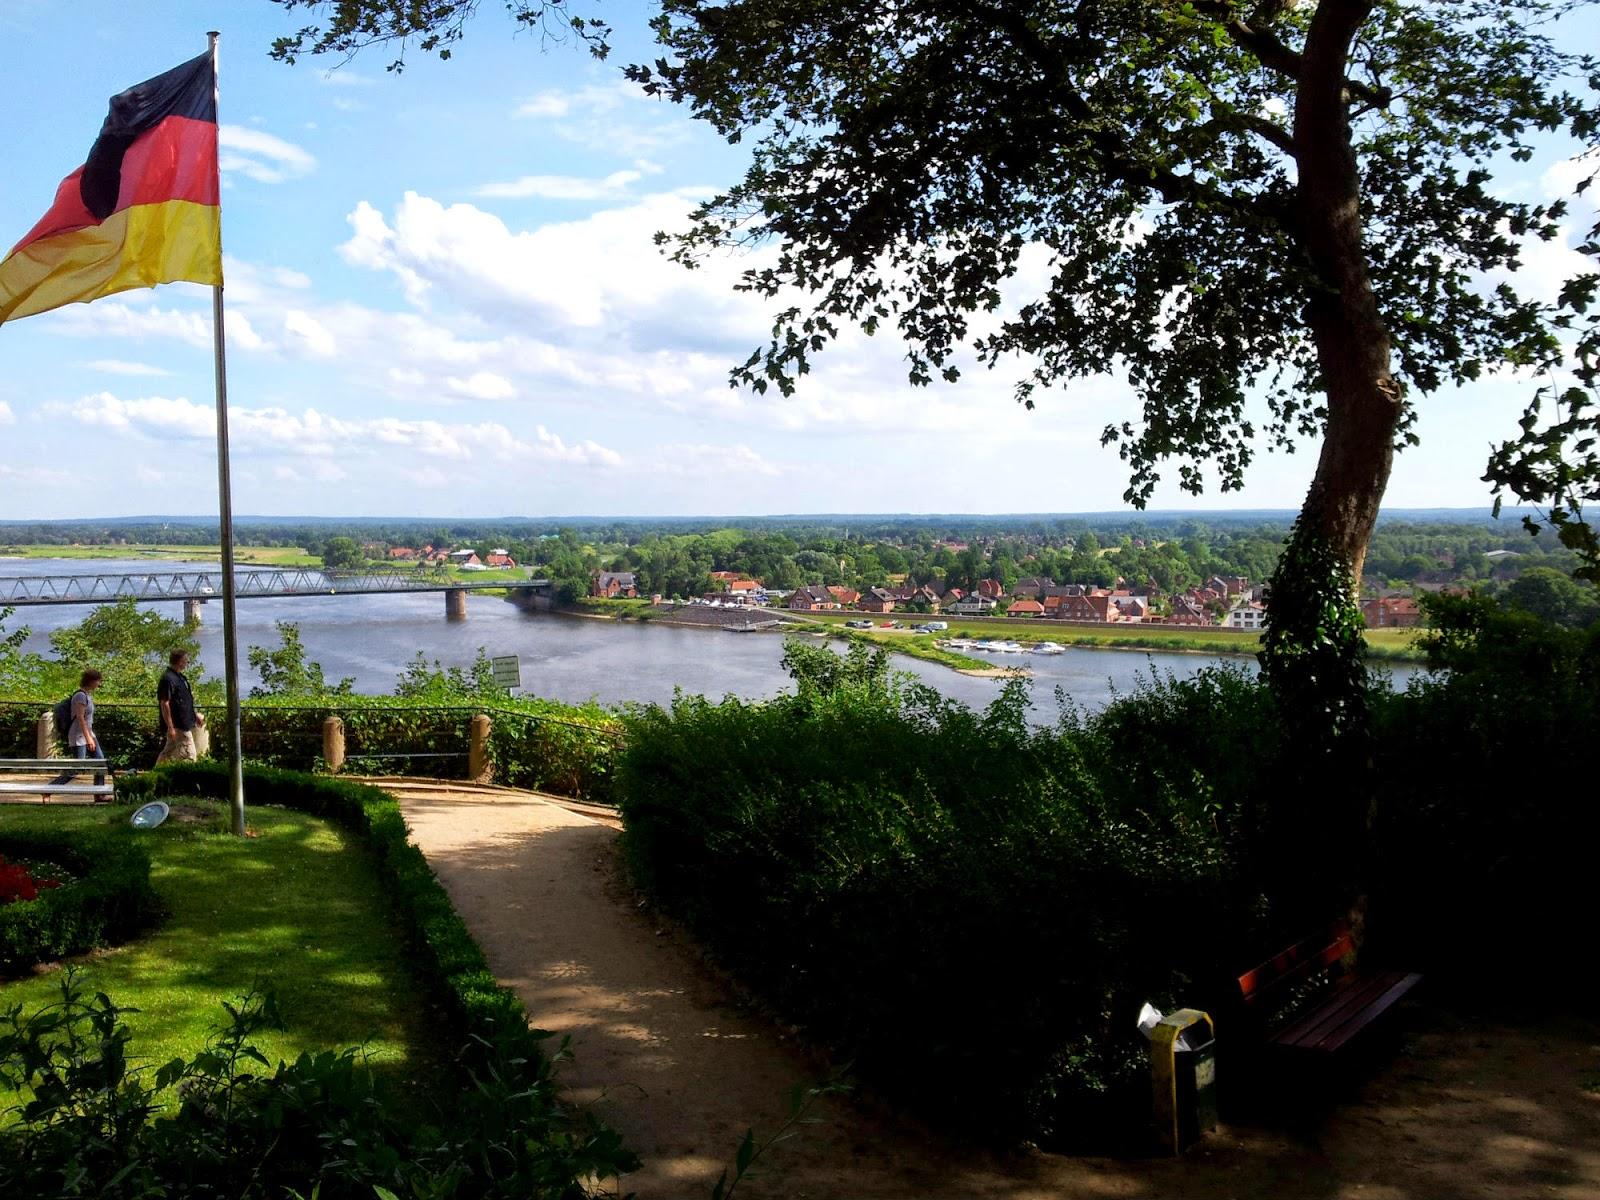 Lauenburg landscape